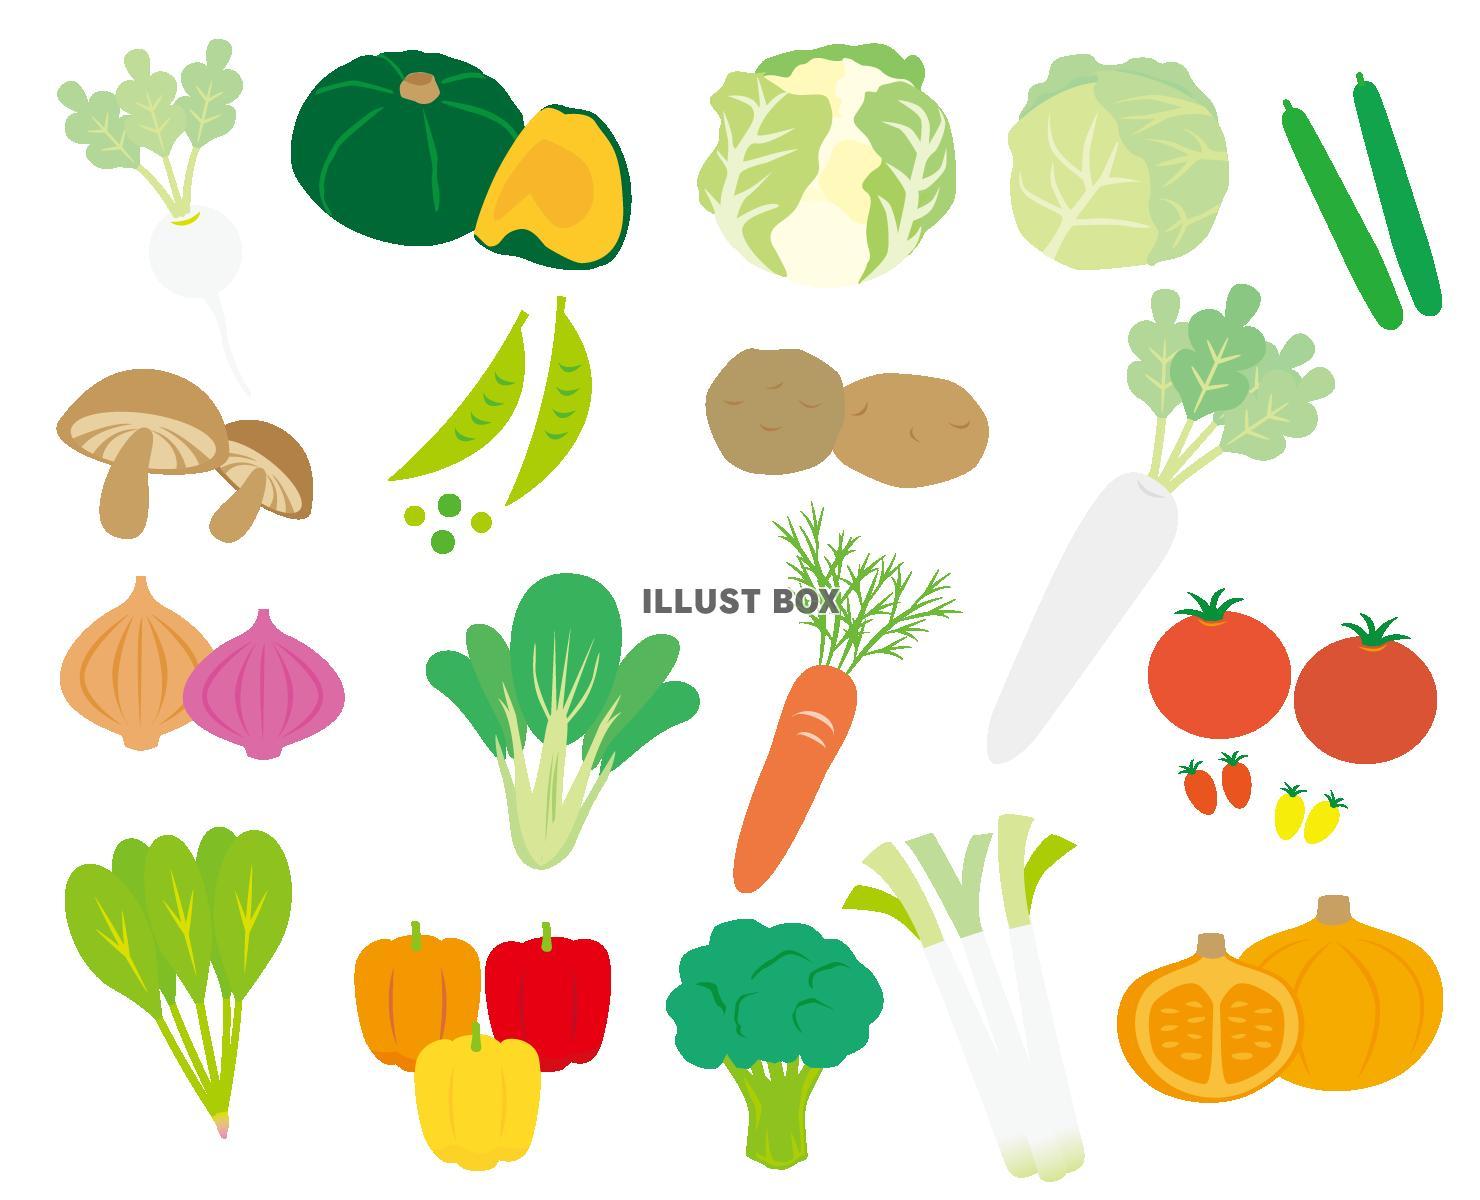 無料イラスト いろいろな野菜のイラストセット 透過(png)とベクター(e